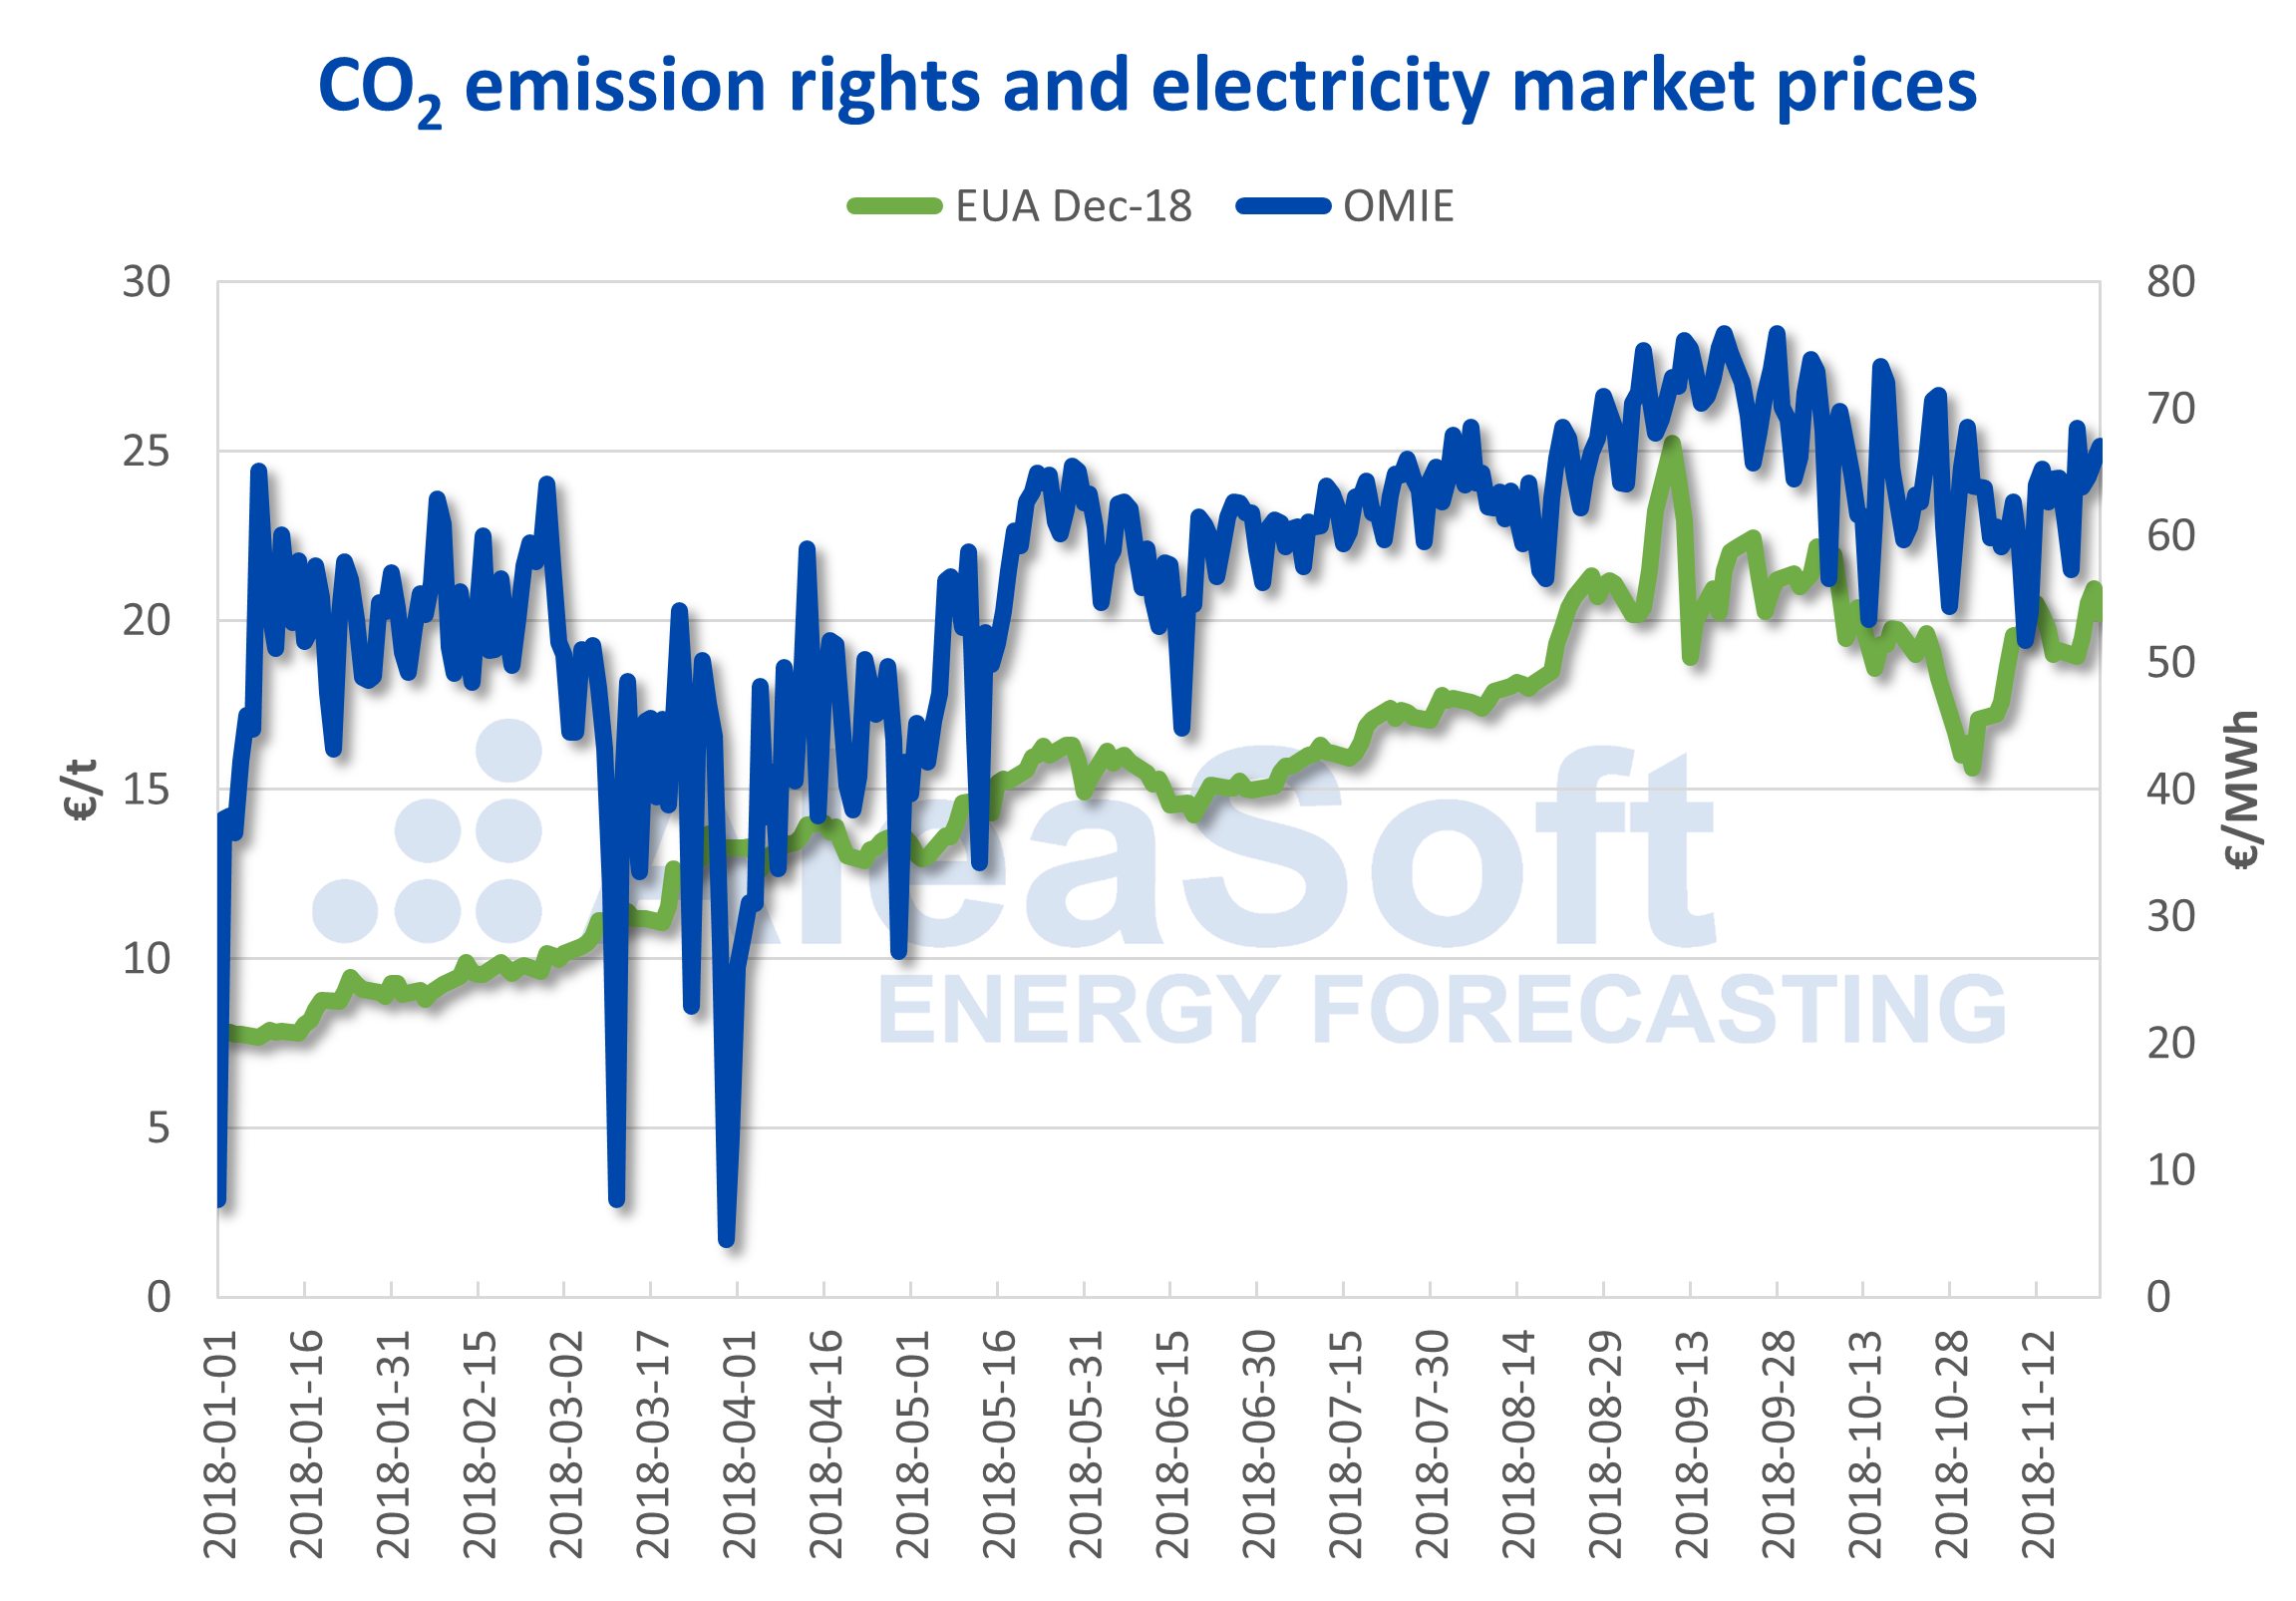 AleaSoft - Precio de las emisiones de CO2 y del mercado eléctrico